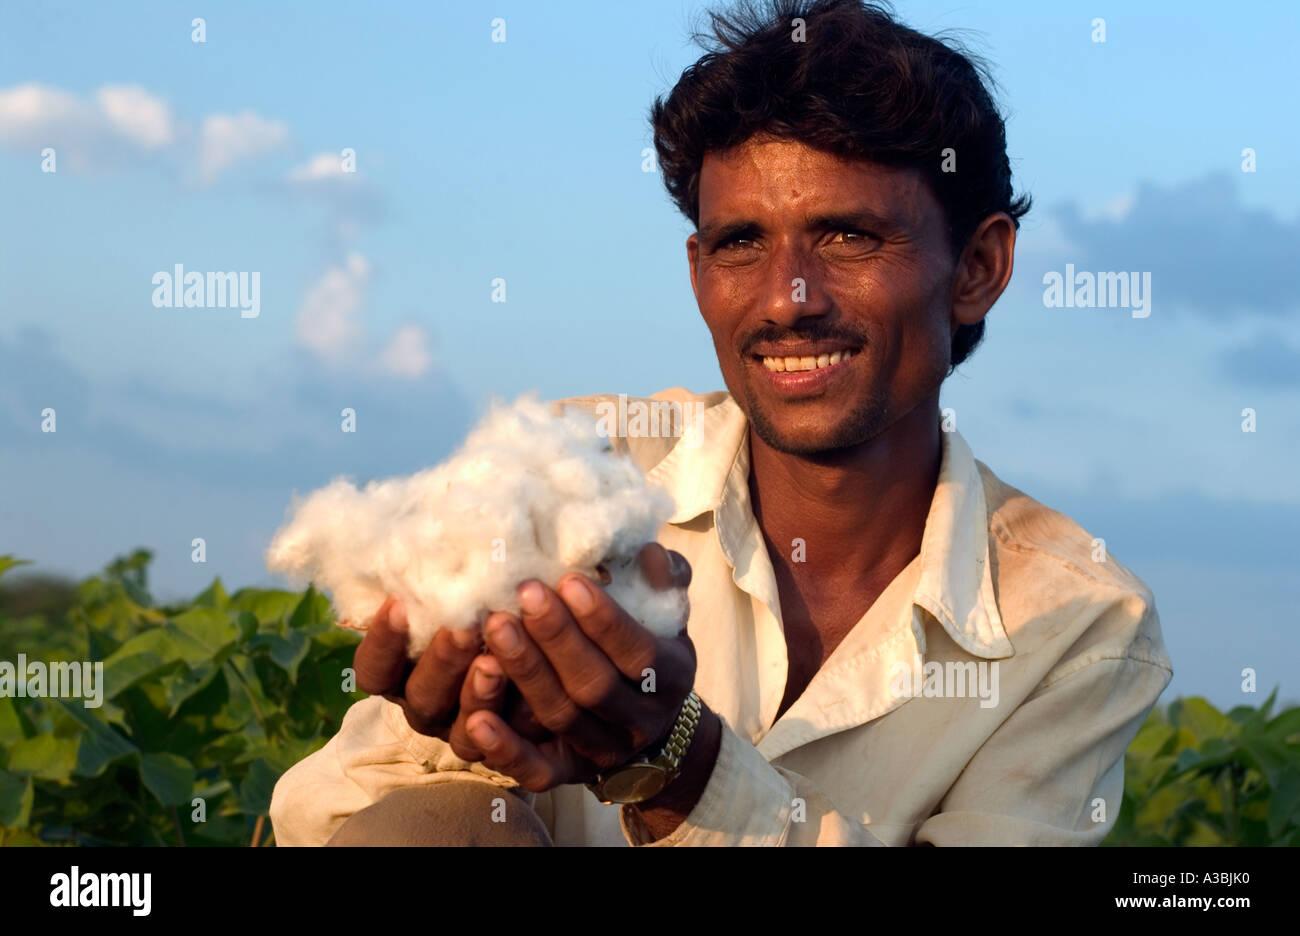 Agriculteur de Guajarat Inde pousse le coton qu'il vend sous le régime du Commerce Equitable à Marks and Spencer Photo Stock